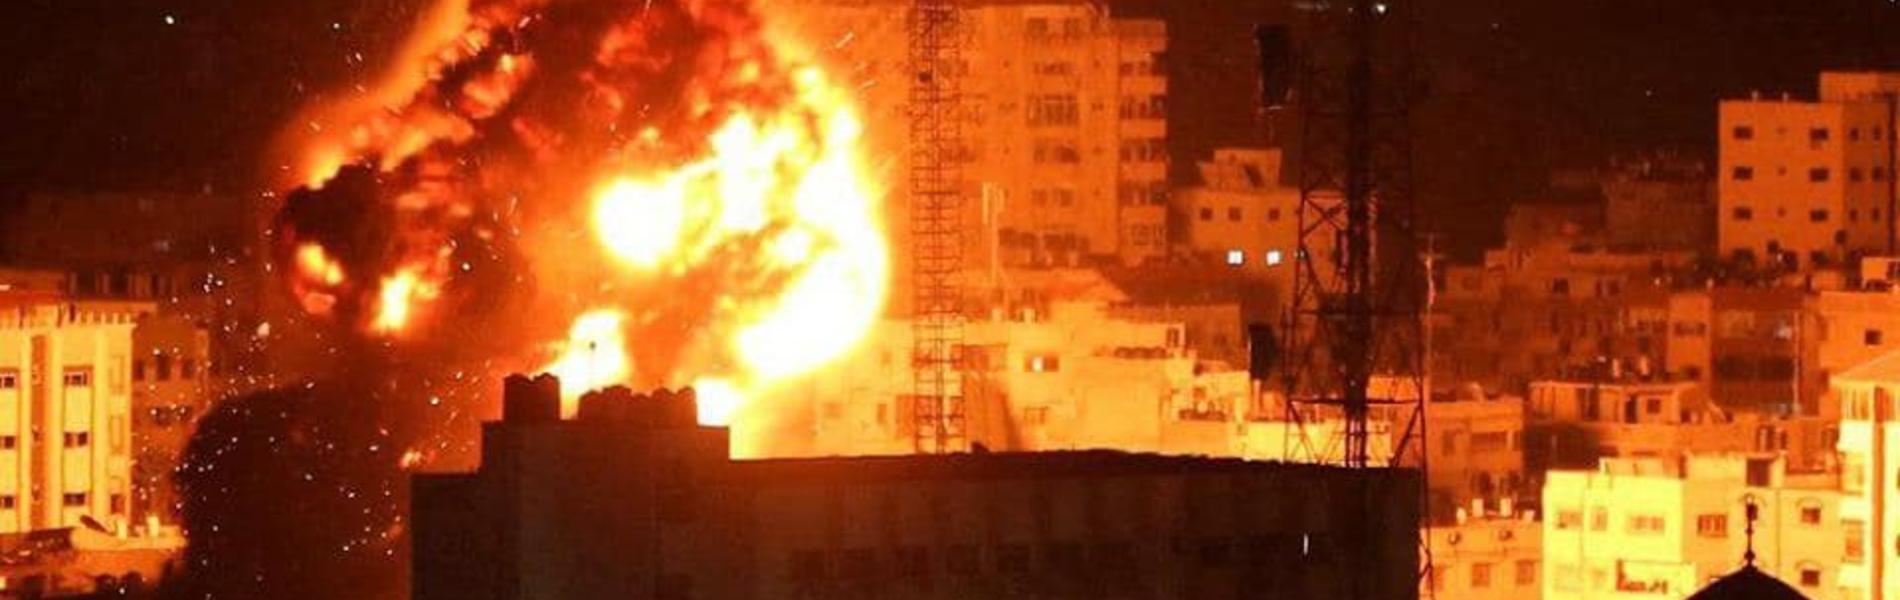 """תושבת שדרות: """"אפשר לסמוך על מילה של החמאס יותר מאשר על זו של ממשלת ישראל"""""""